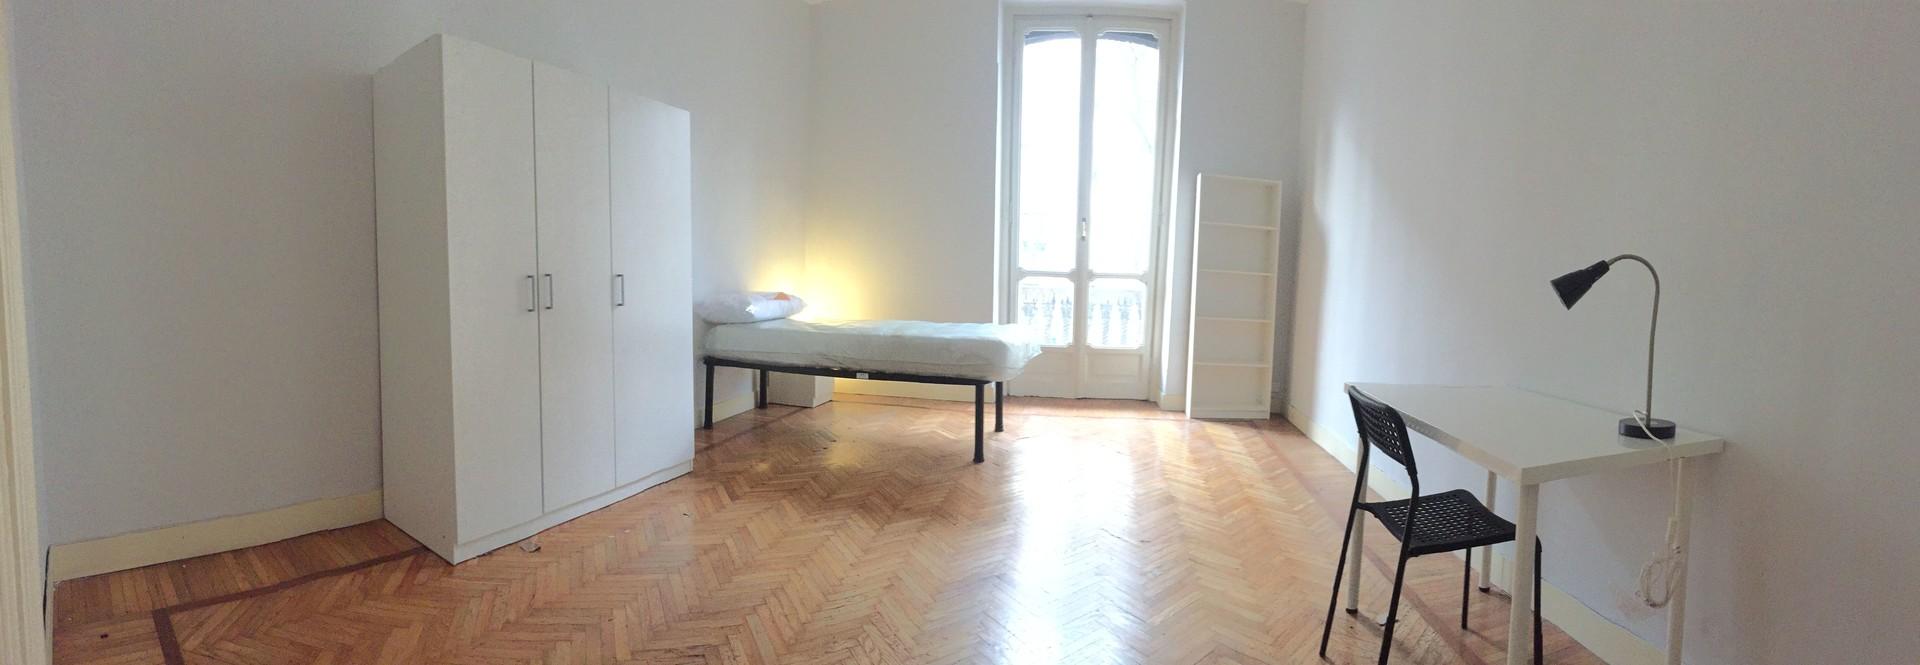 affitto-camera-in-casa-studenti-c1a33b2cb3347967657a26a8e85dc41e